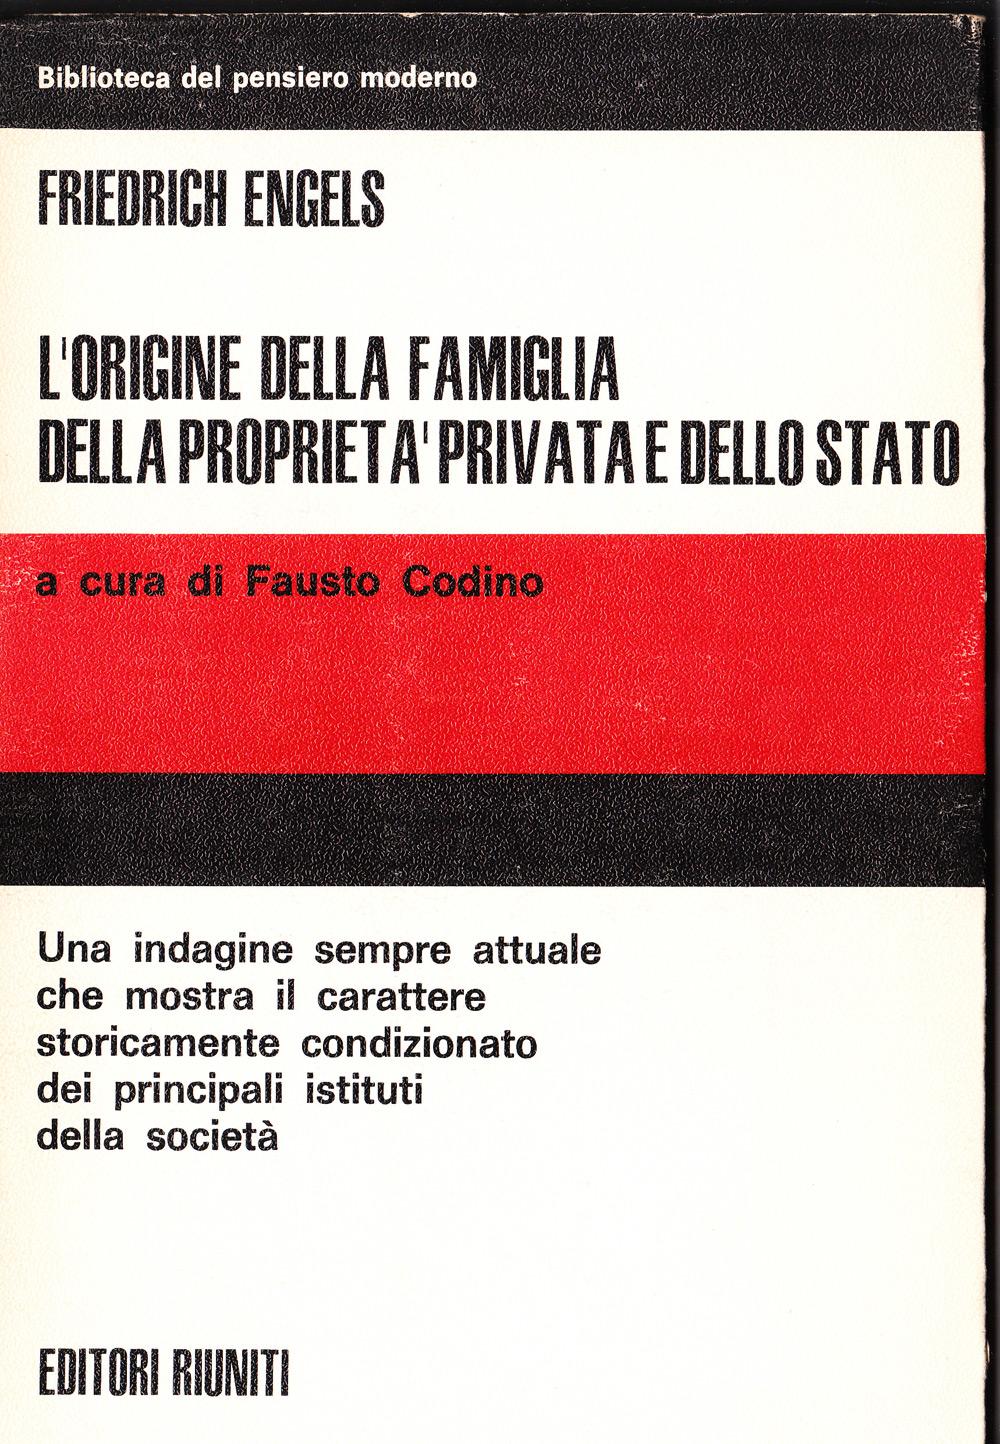 L'origine della famiglia della proprietà privata e dello stato